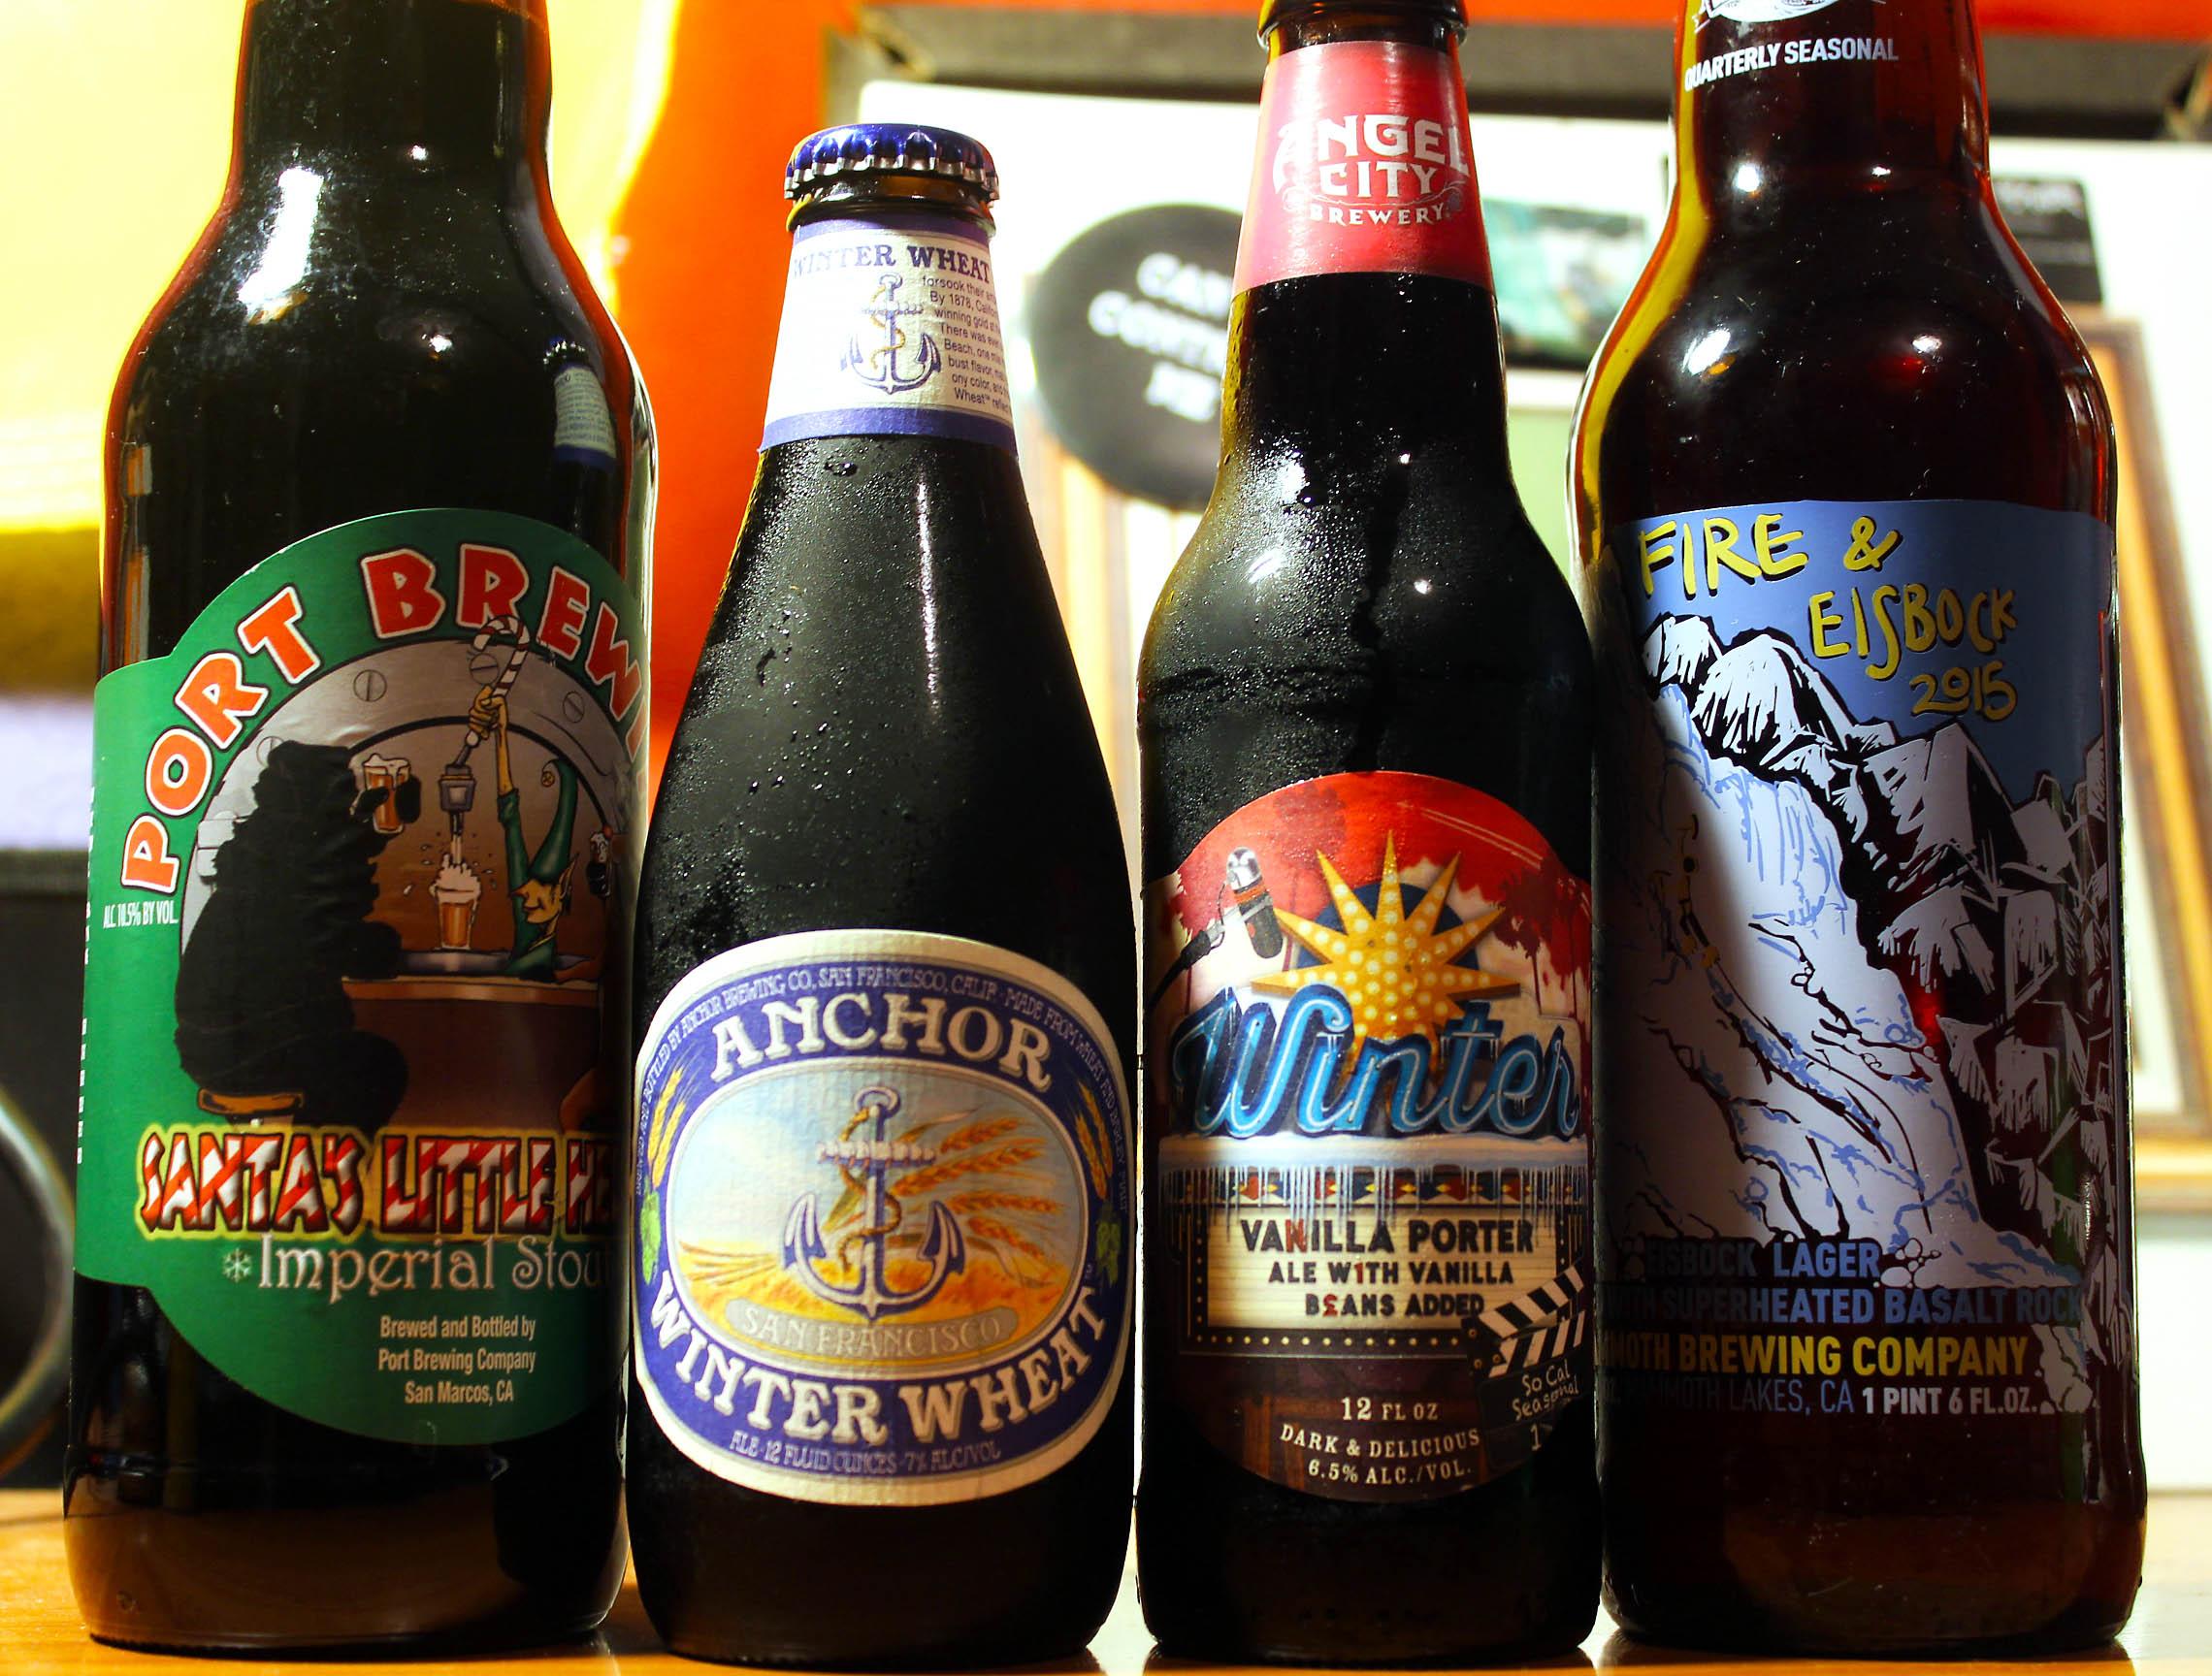 Seasonal Winter Beers from California